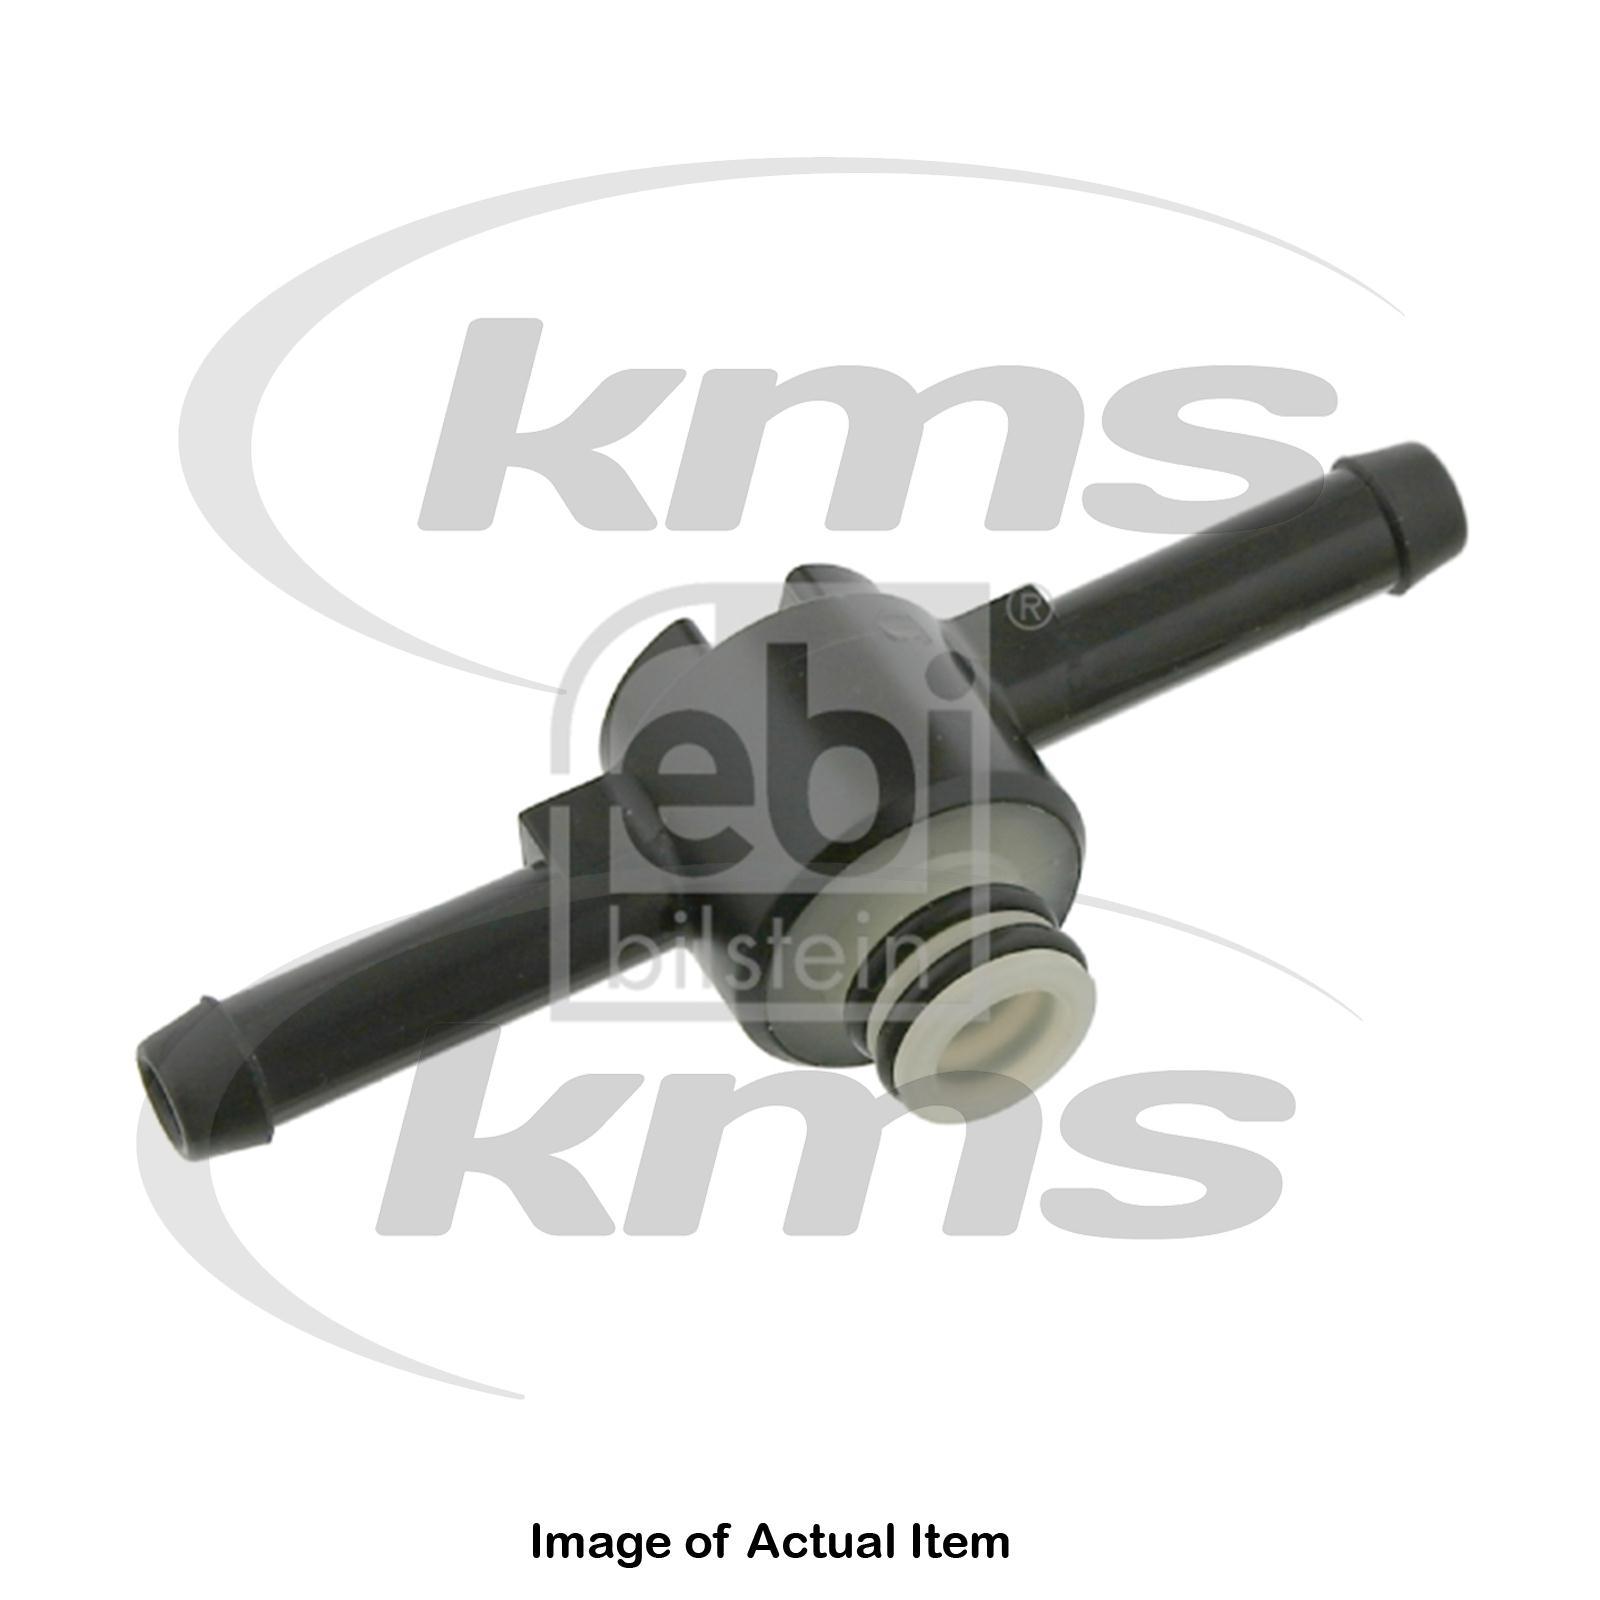 New Genuine Febi Bilstein Fuel Filter Valve 26960 Top German Quality 2001 Passat Sentinel